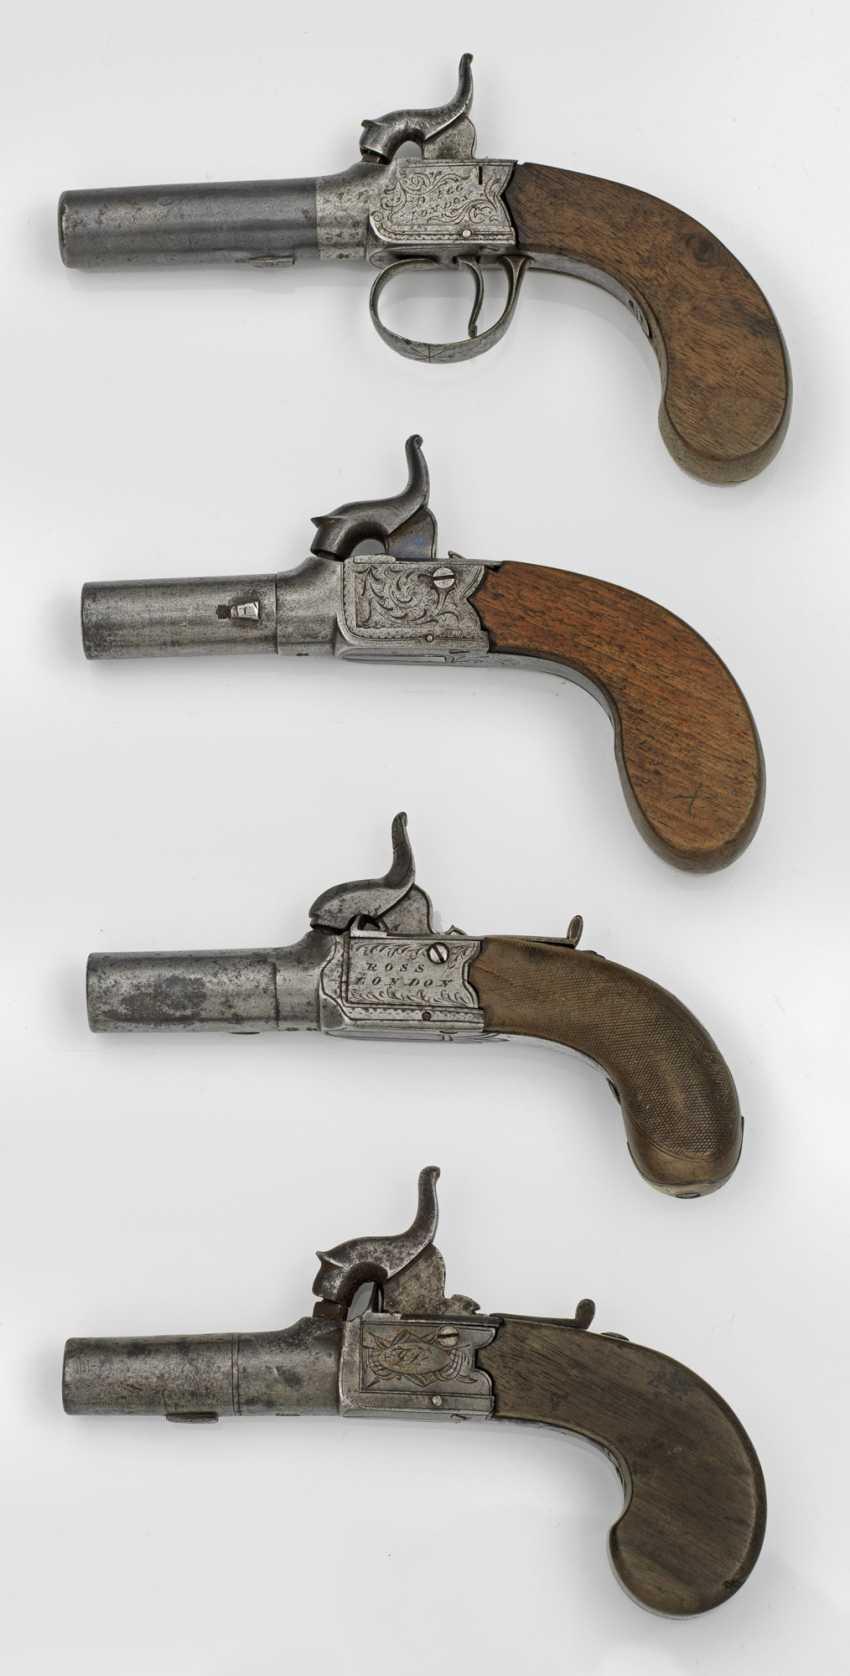 Vier Perkussions-Taschenpistolen - photo 1